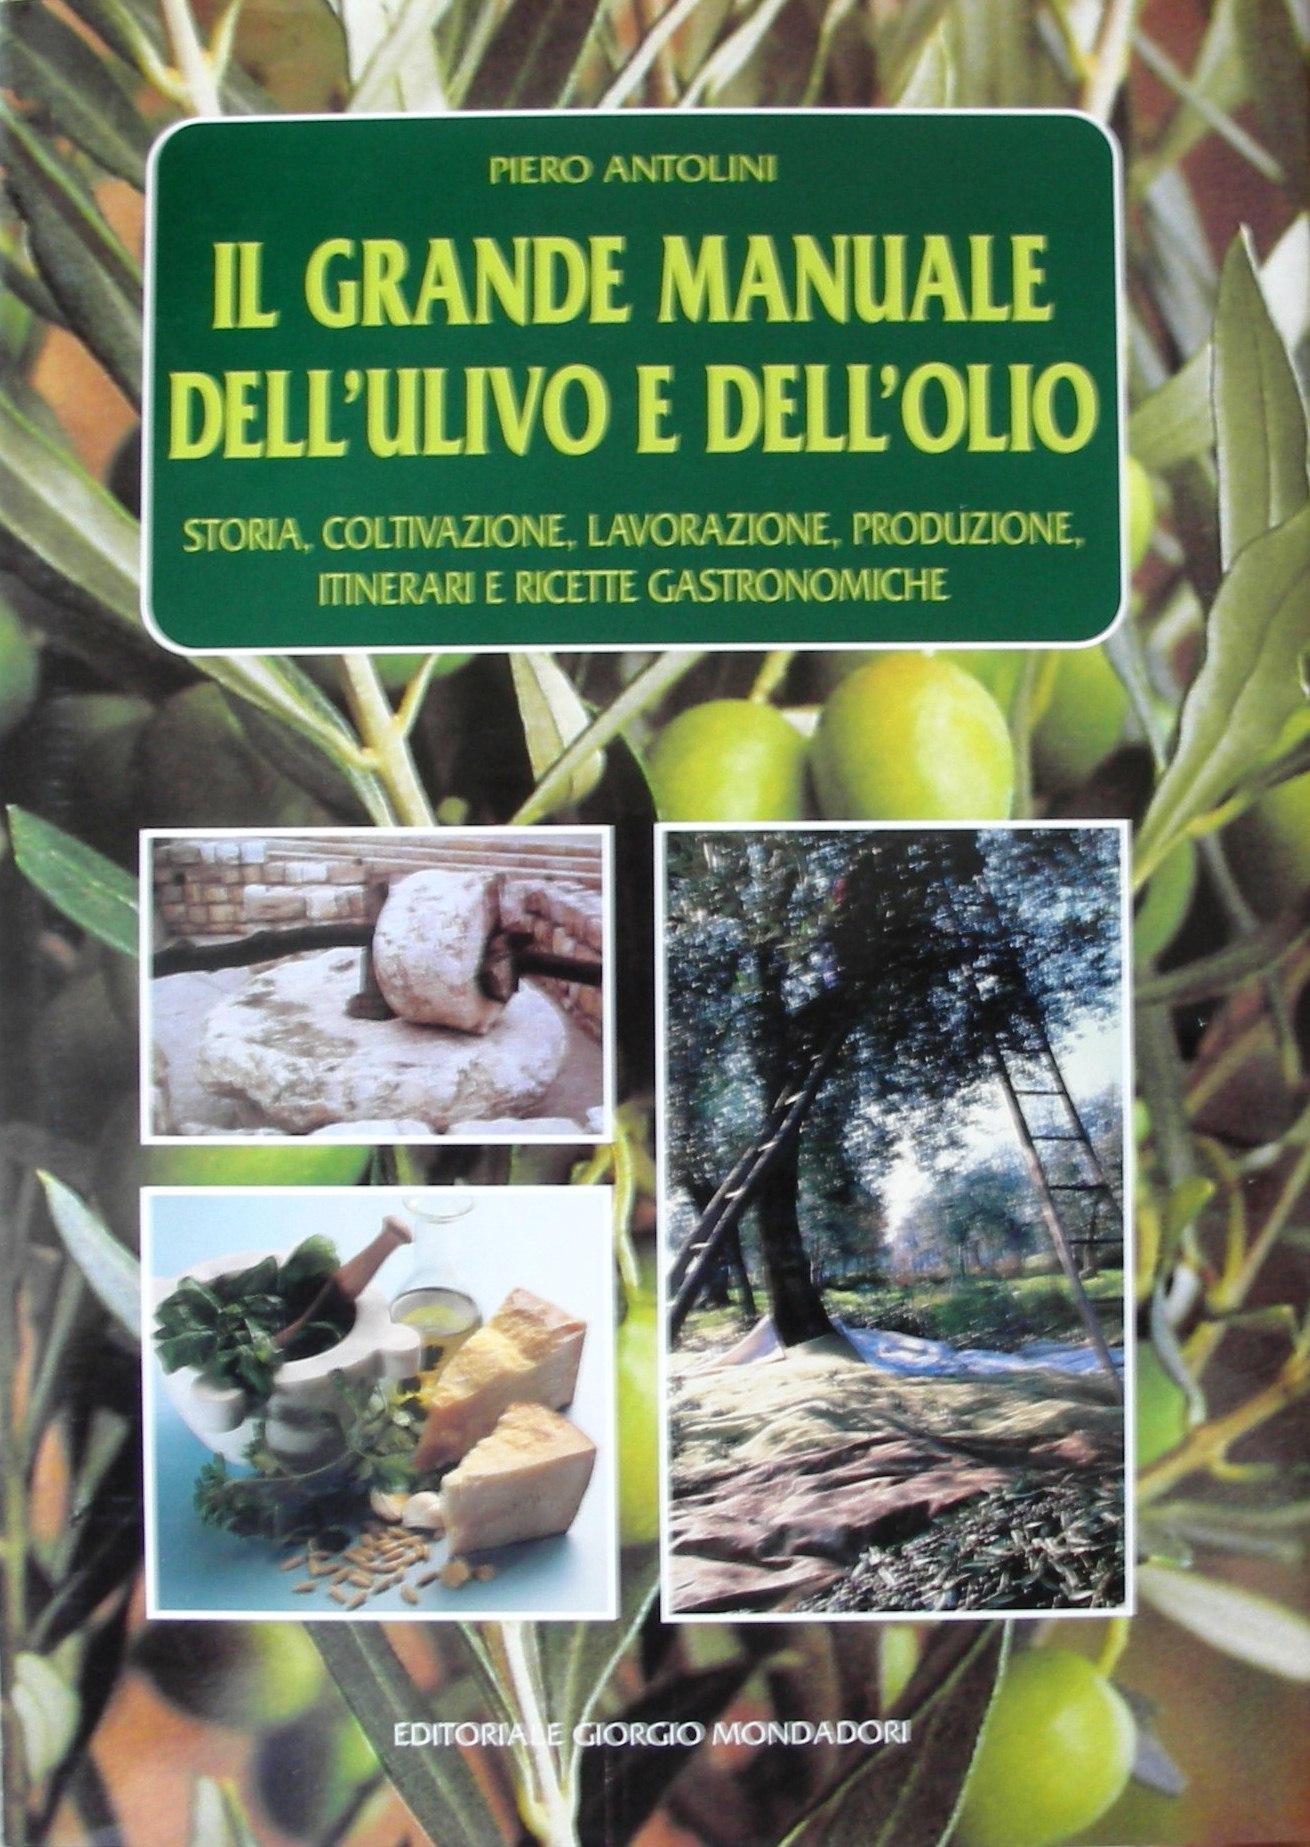 Il grande manuale dell'ulivo e dell'olio